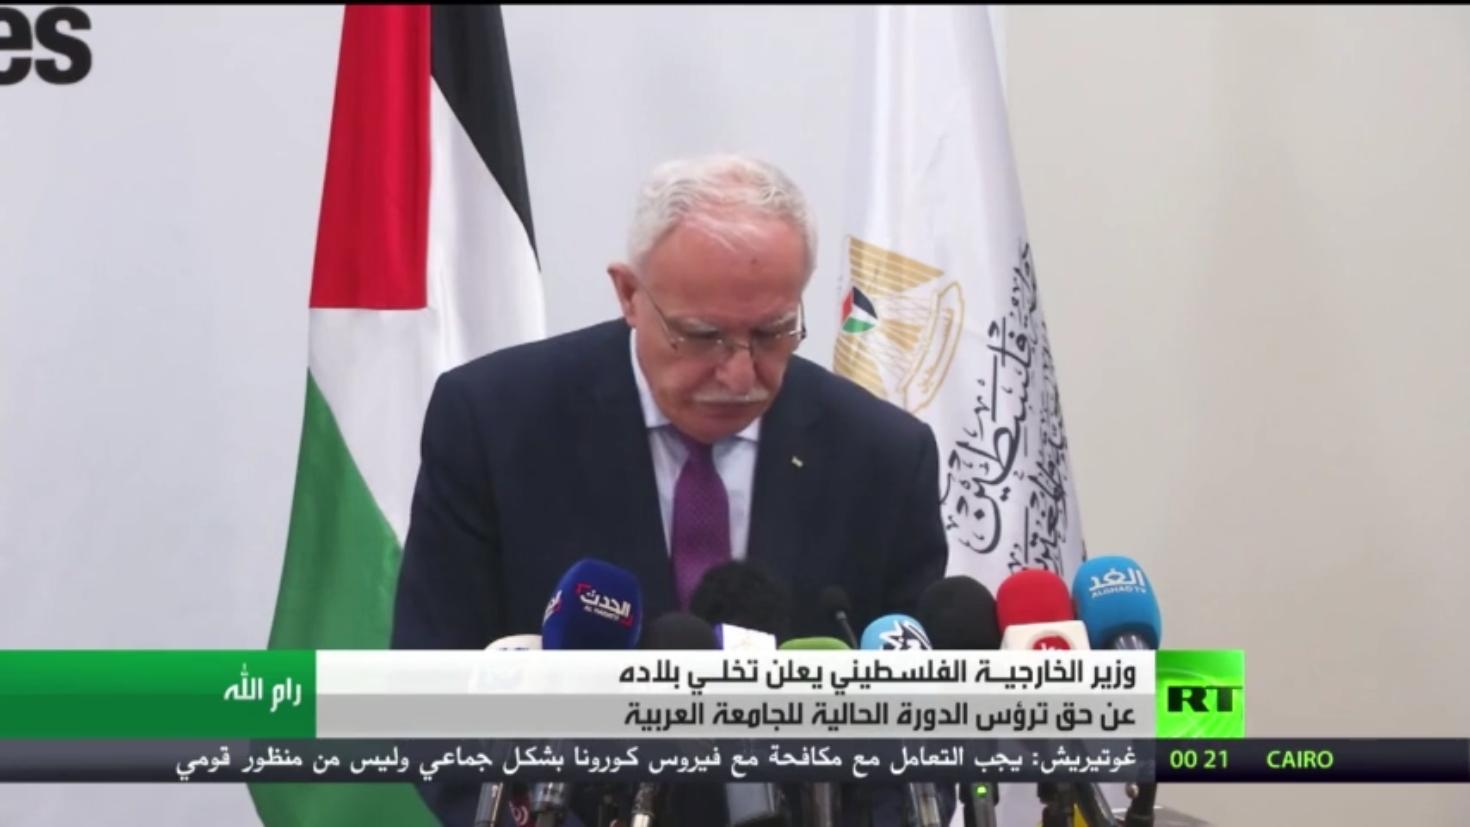 فلسطين تتخلى عن حقها في ترؤس الجامعة العربية